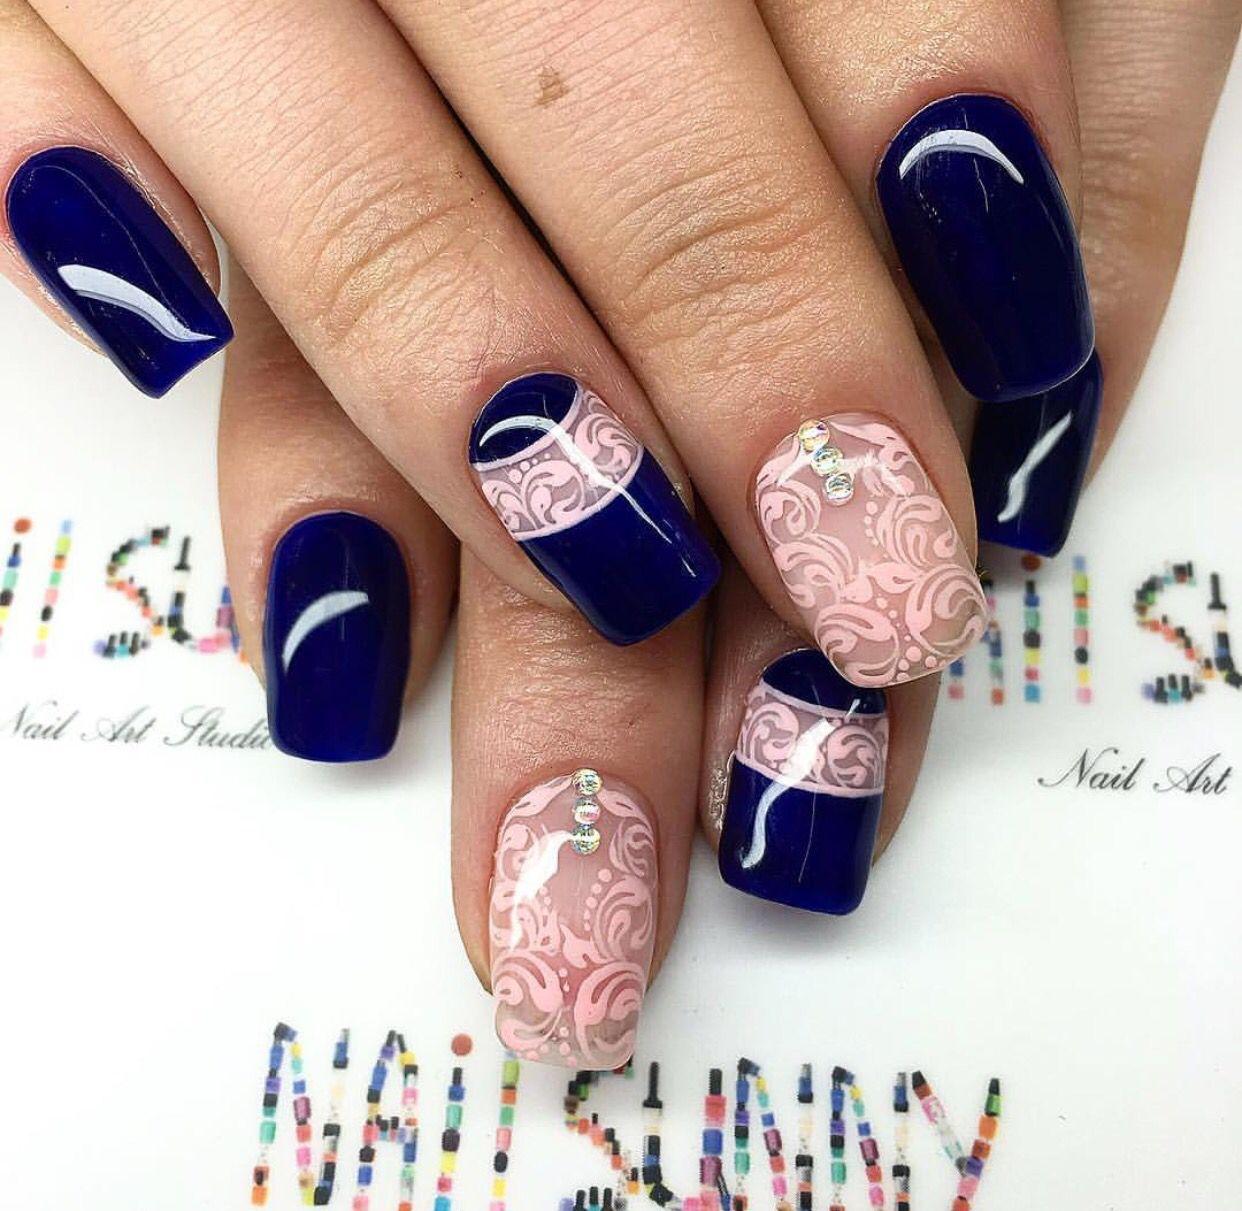 Baby Navy Pink | фото маникюр | Гвоздь, Синий дизайн ногтей ...